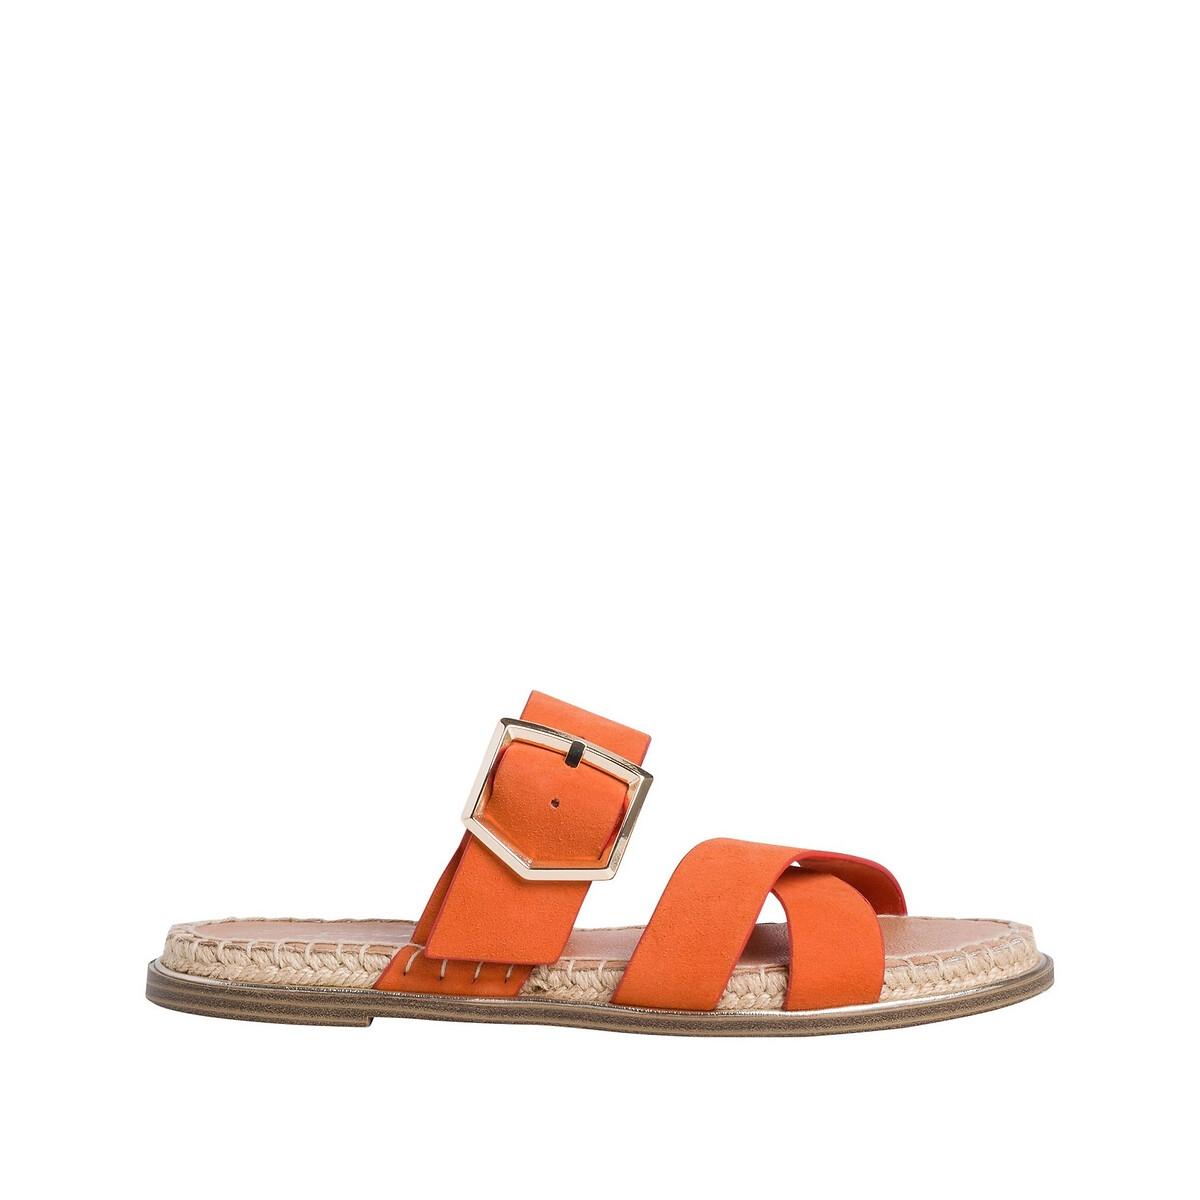 Туфли LaRedoute Без задника из кожи PHilina 37 оранжевый туфли без задника boite